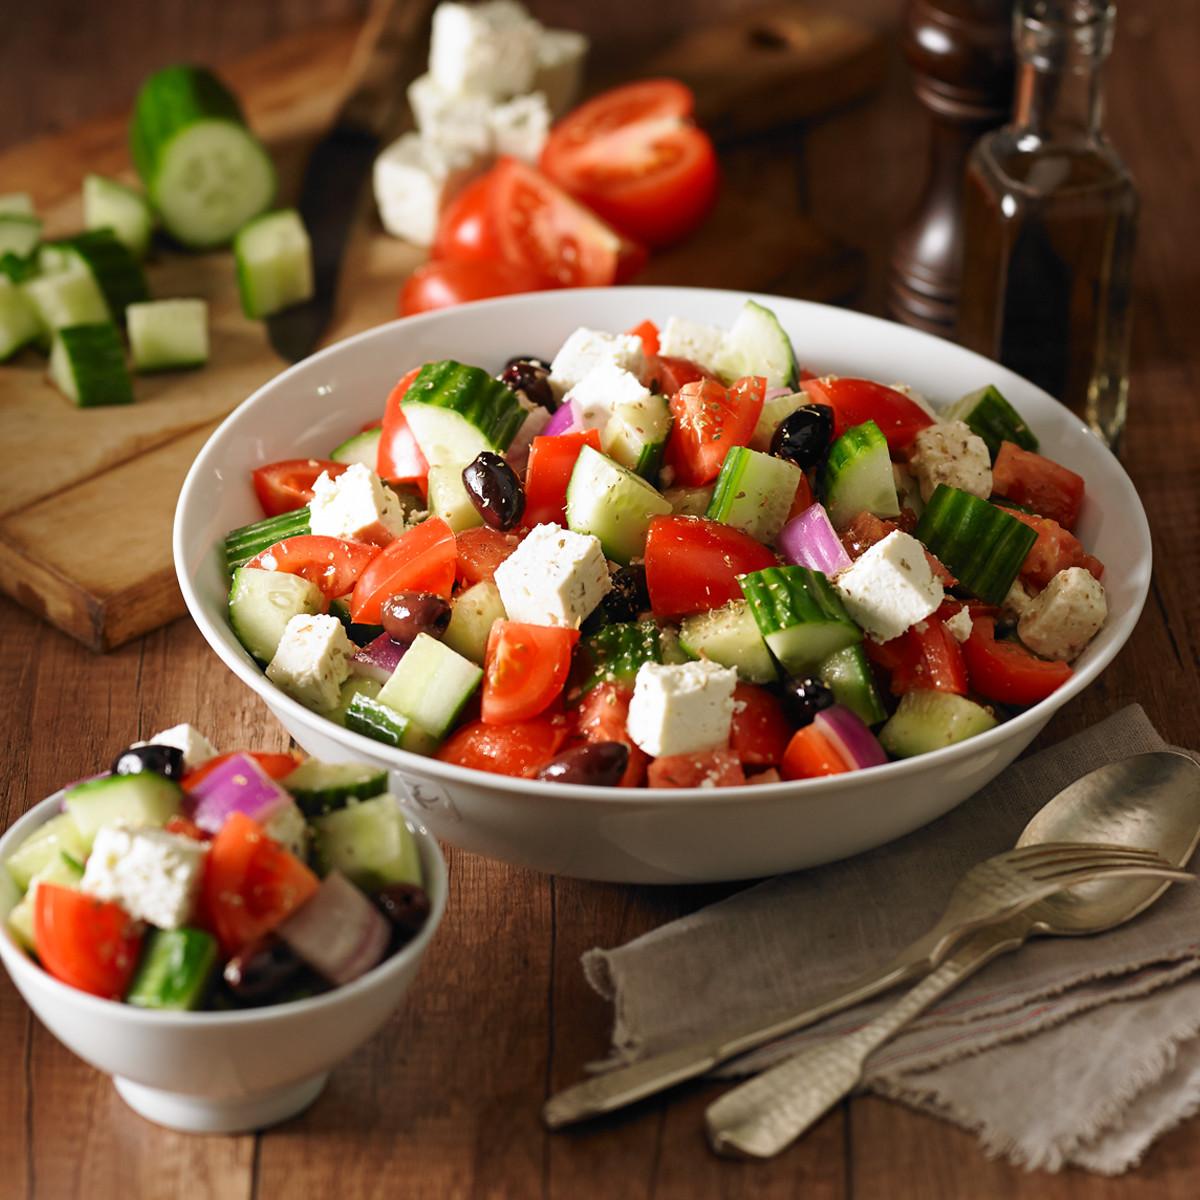 Greek Salad - Serves 8 People